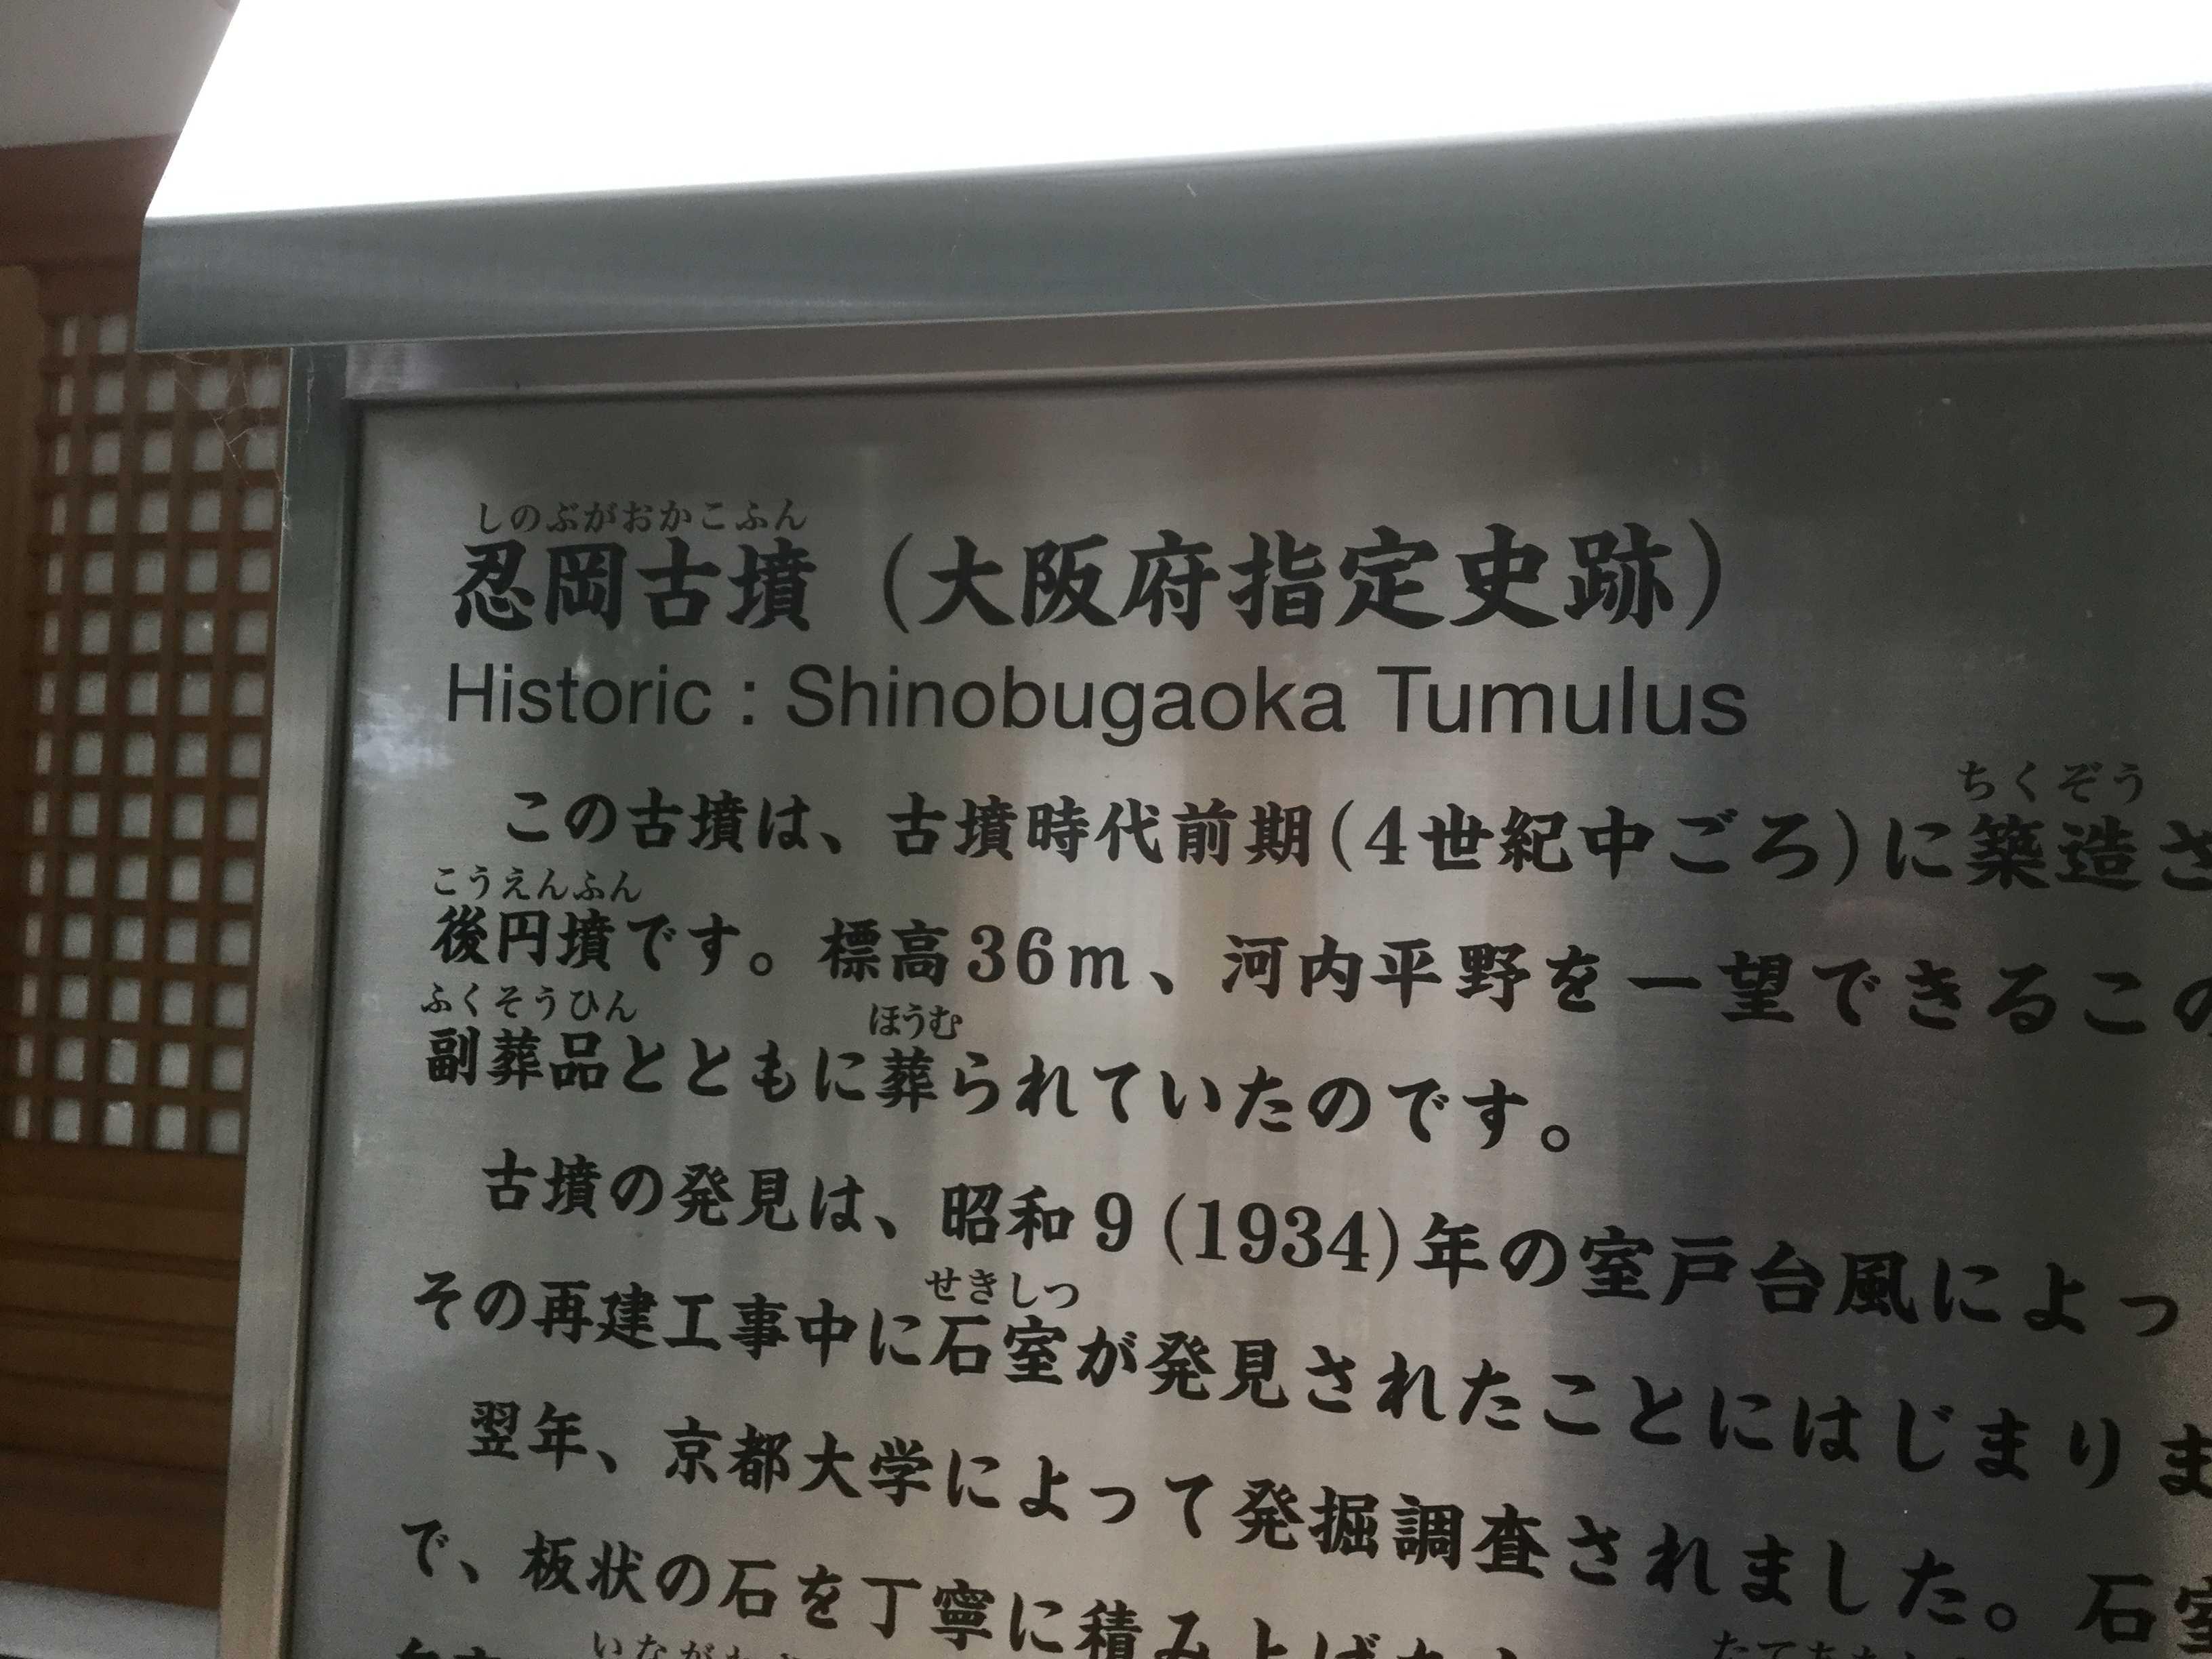 忍陵神社】(しのぶがおかじんじ...